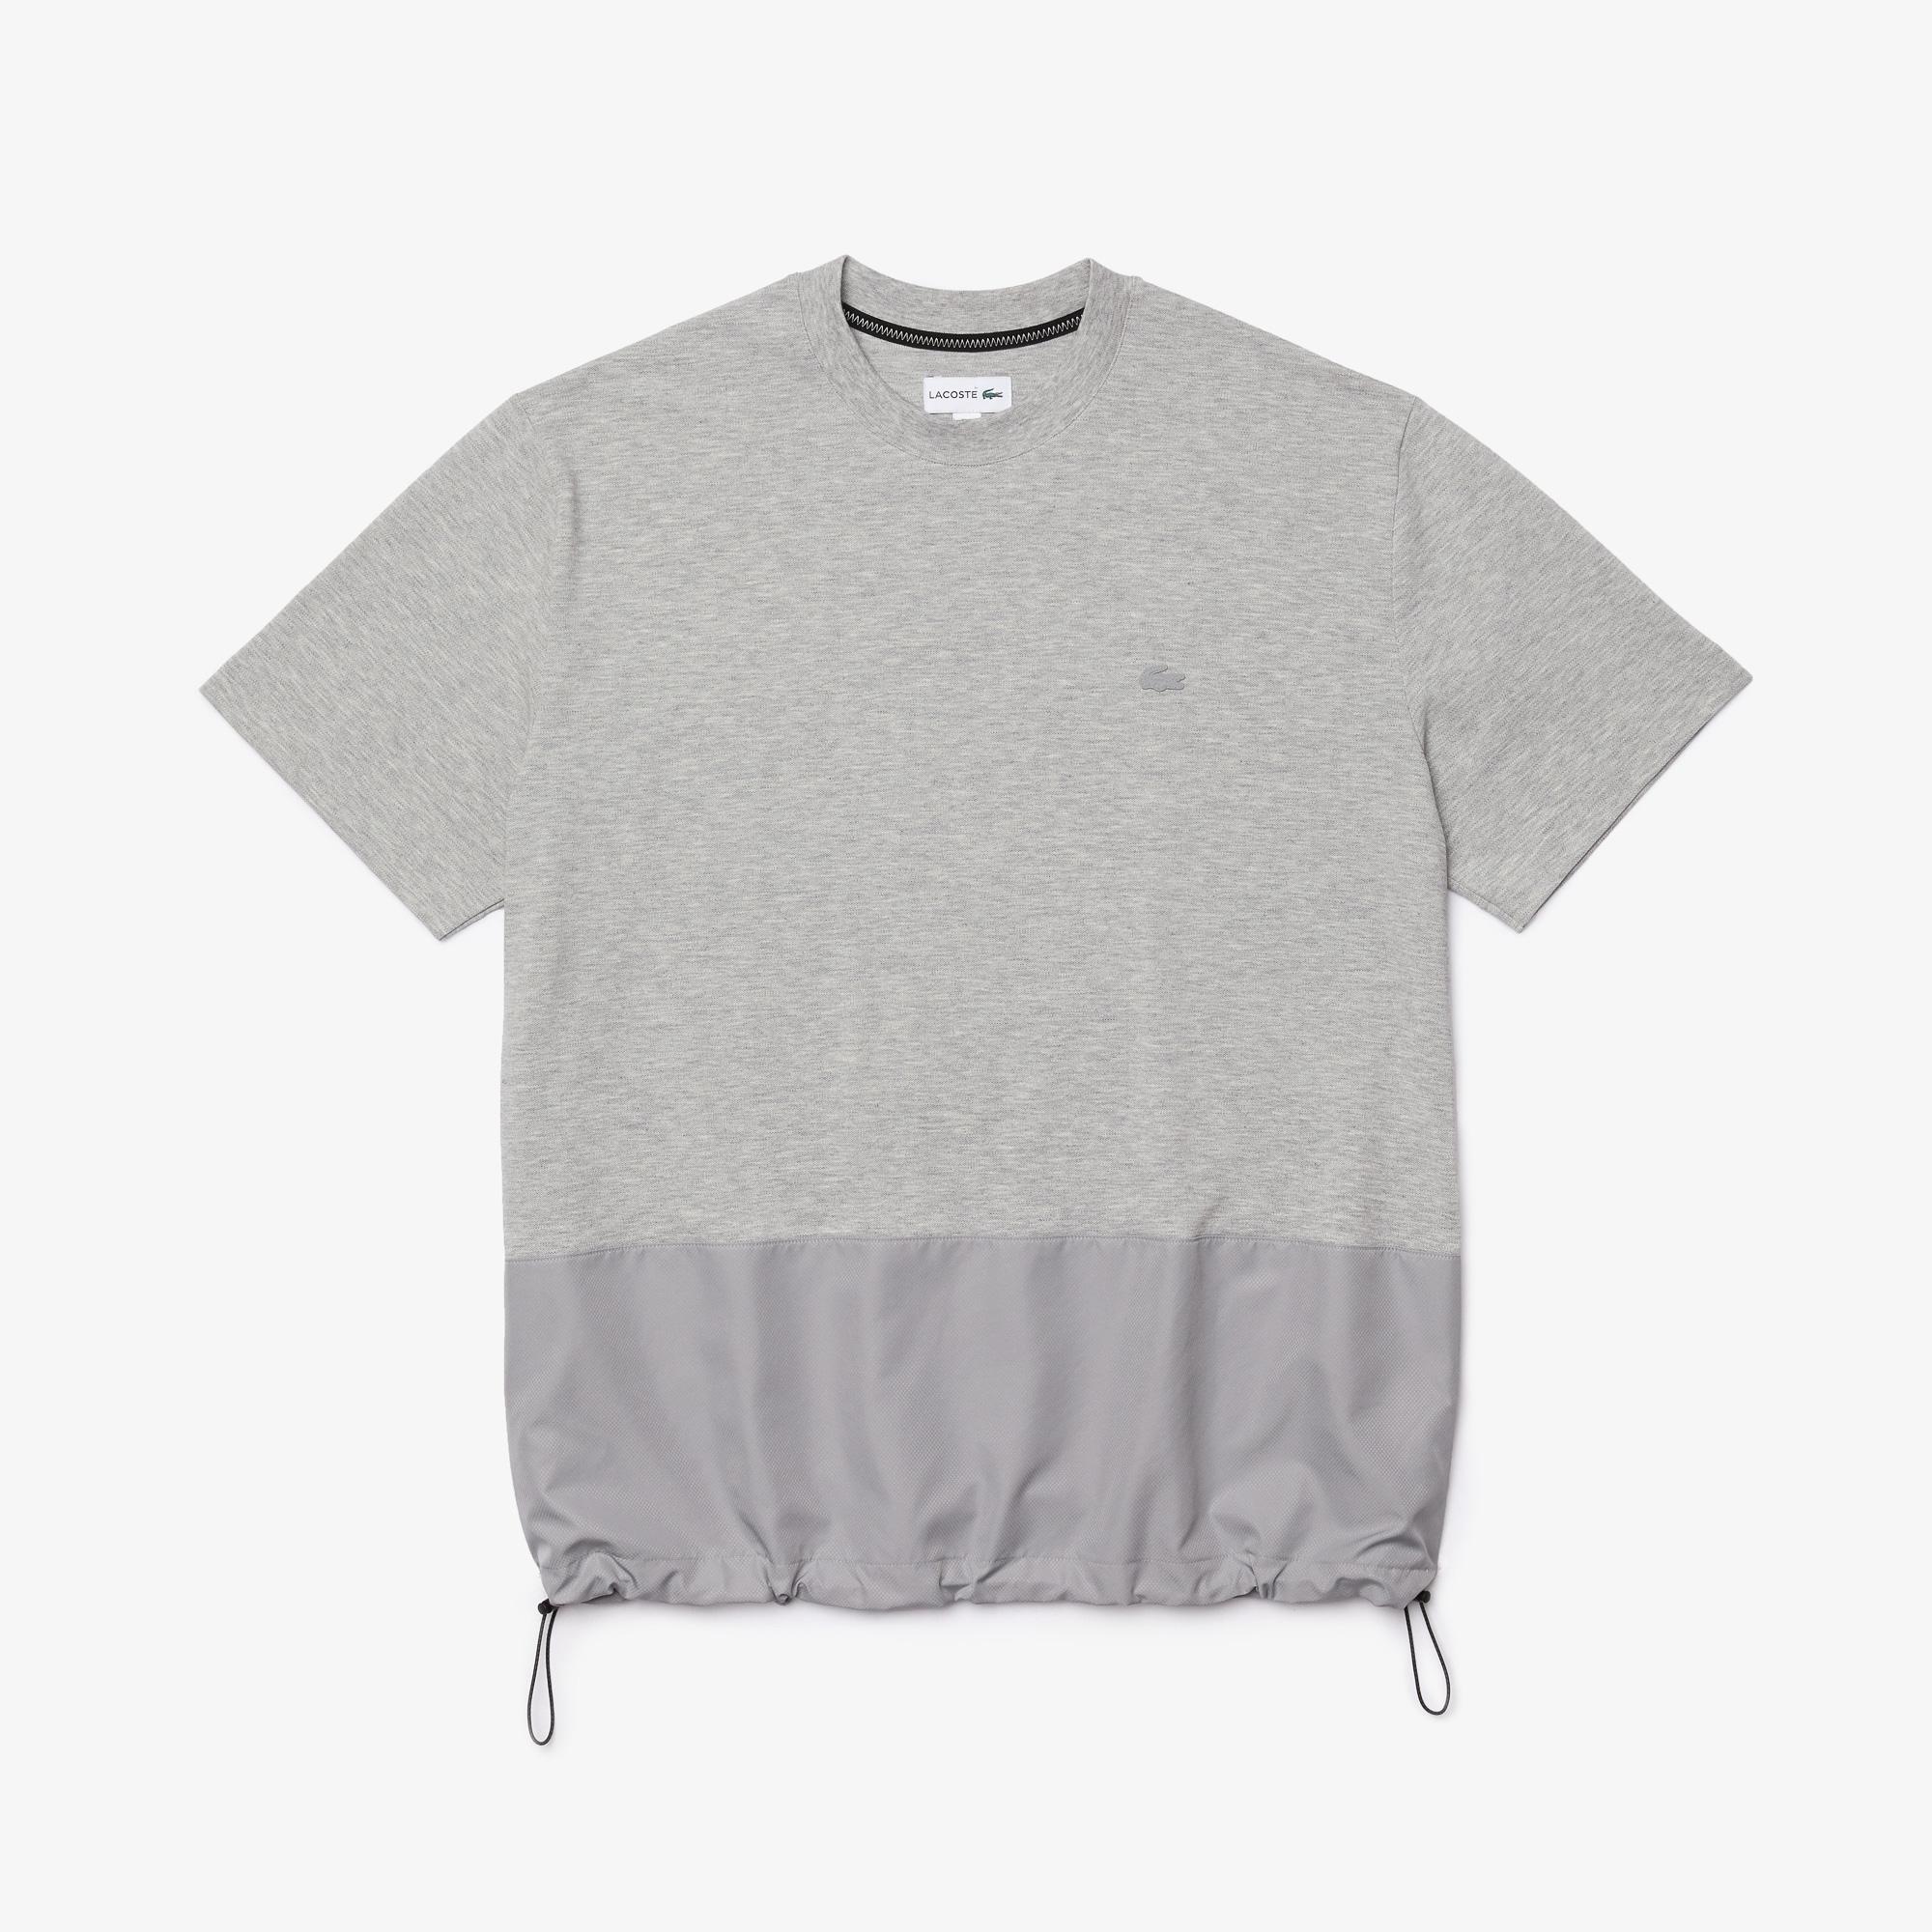 Lacoste Erkek Rahat Fit Bisiklet Yaka Renk Bloklu Gri T-Shirt